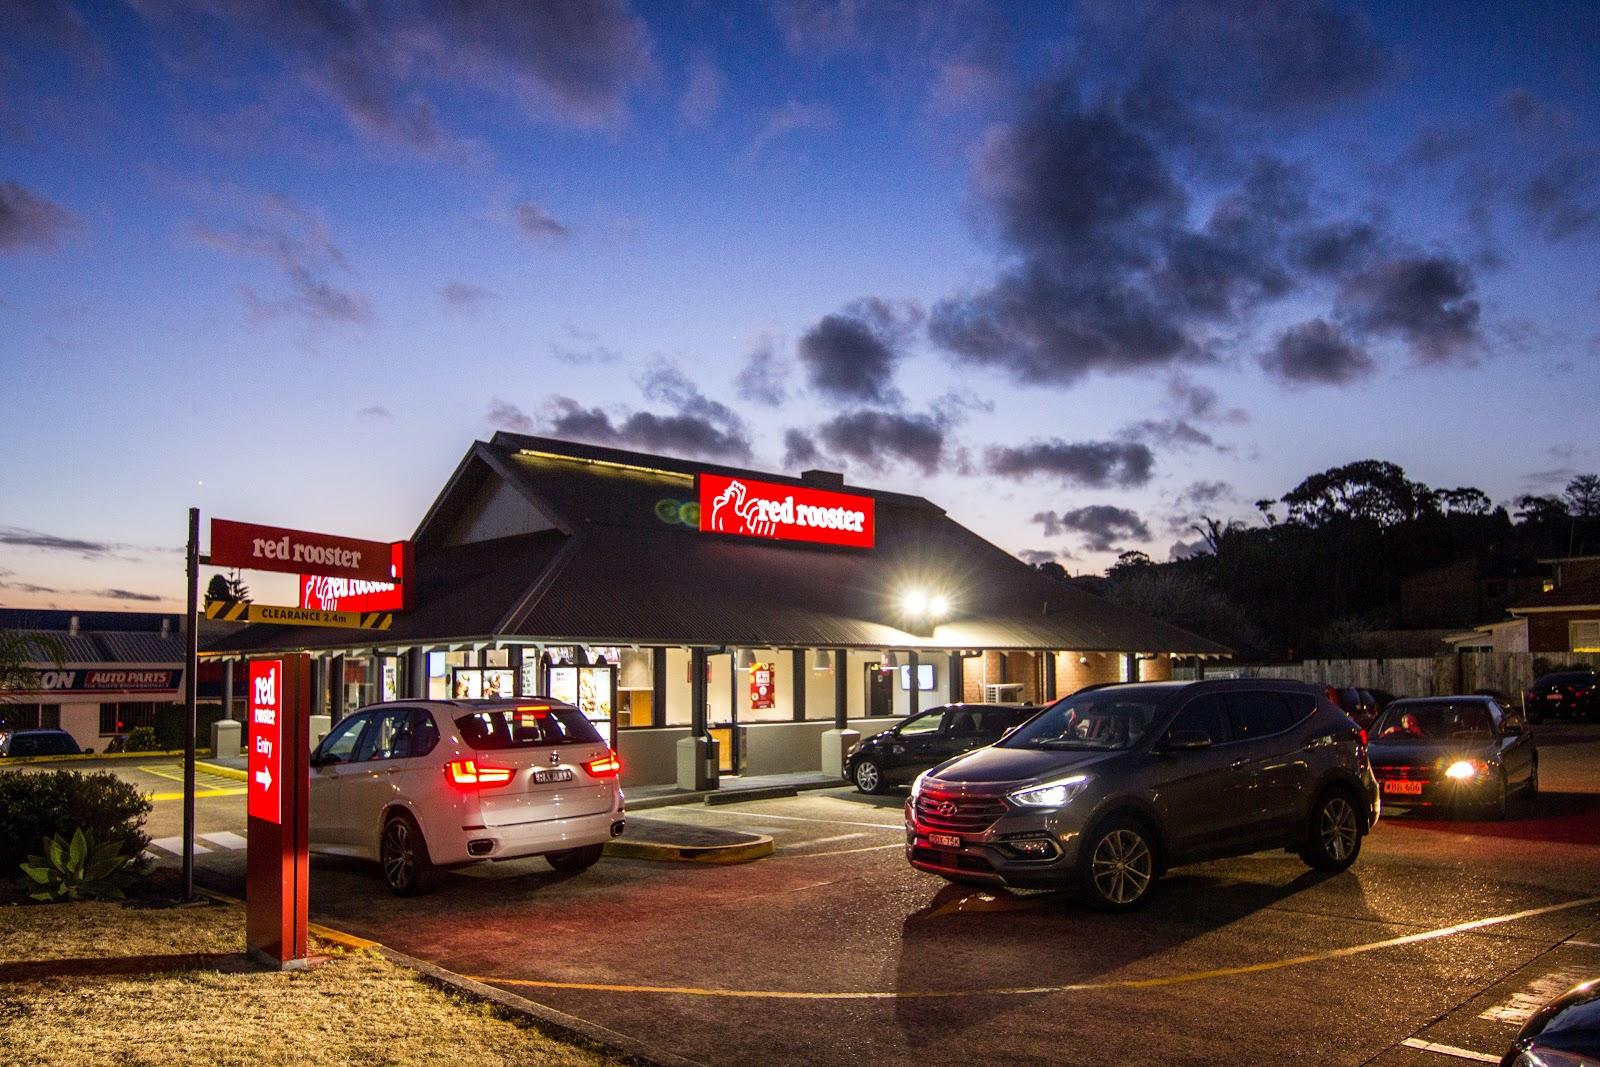 Drive-thru restaurant